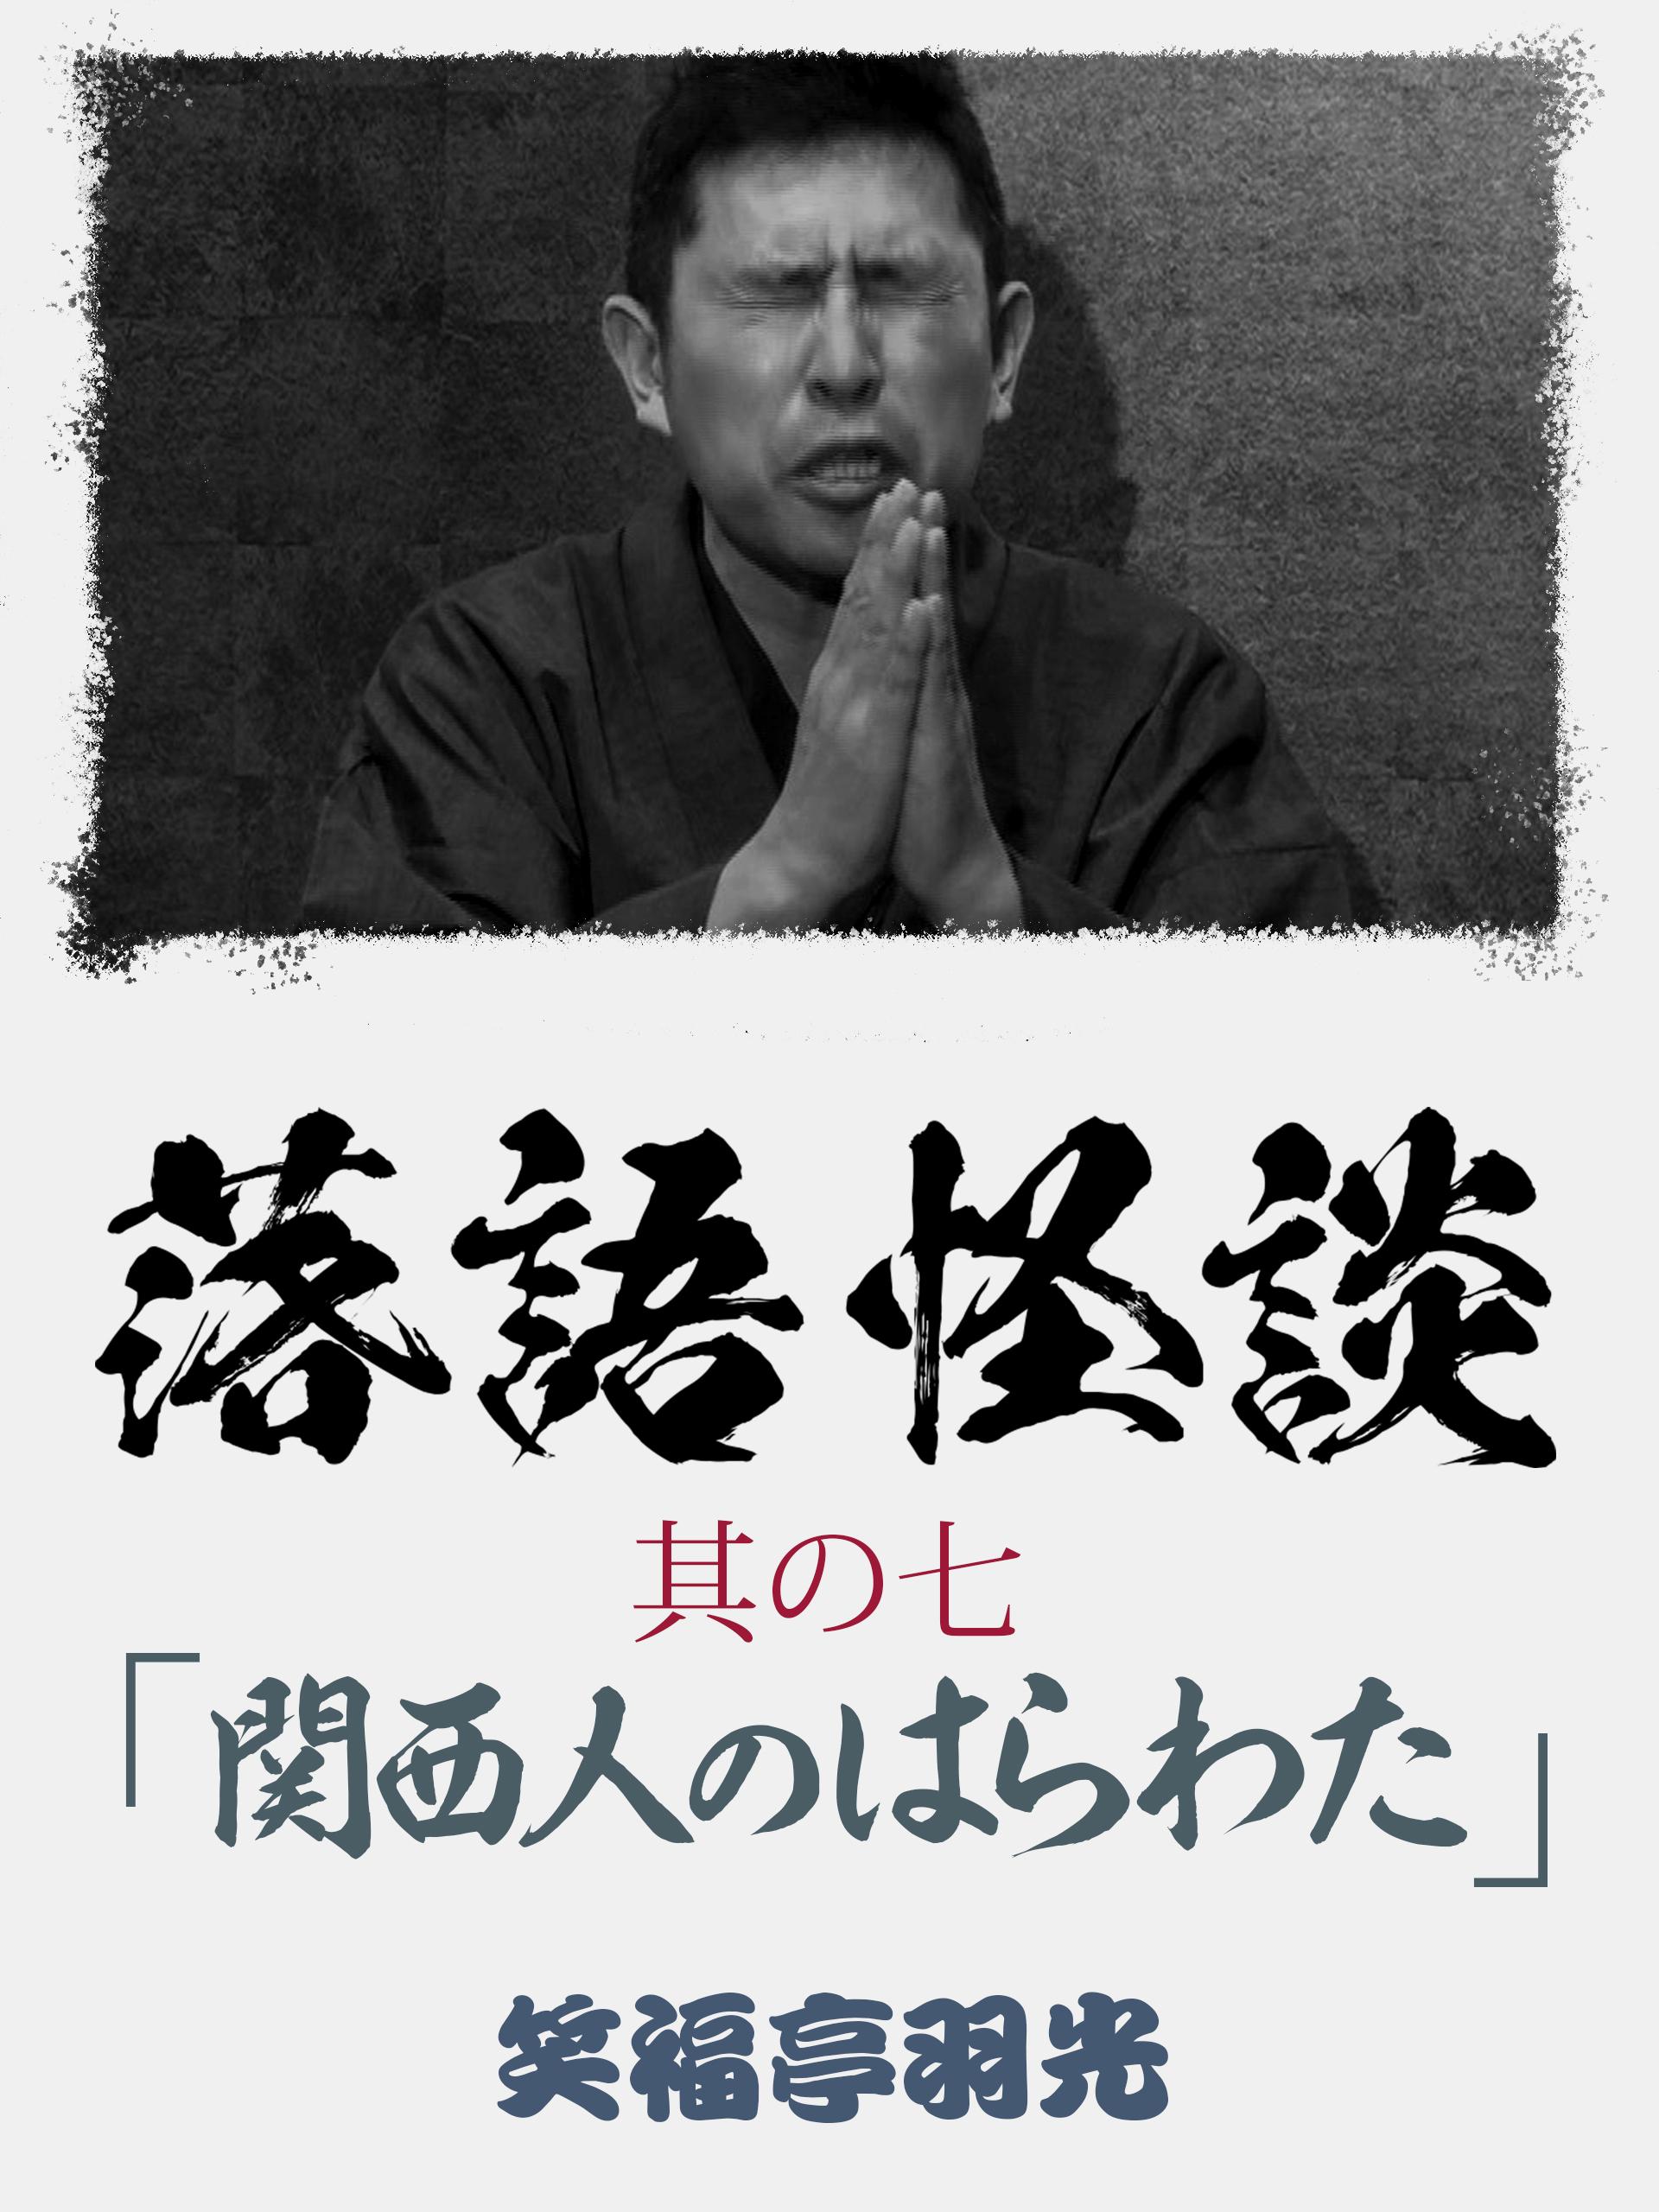 落語怪談 其の七「関西人のはらわた」 笑福亭羽光